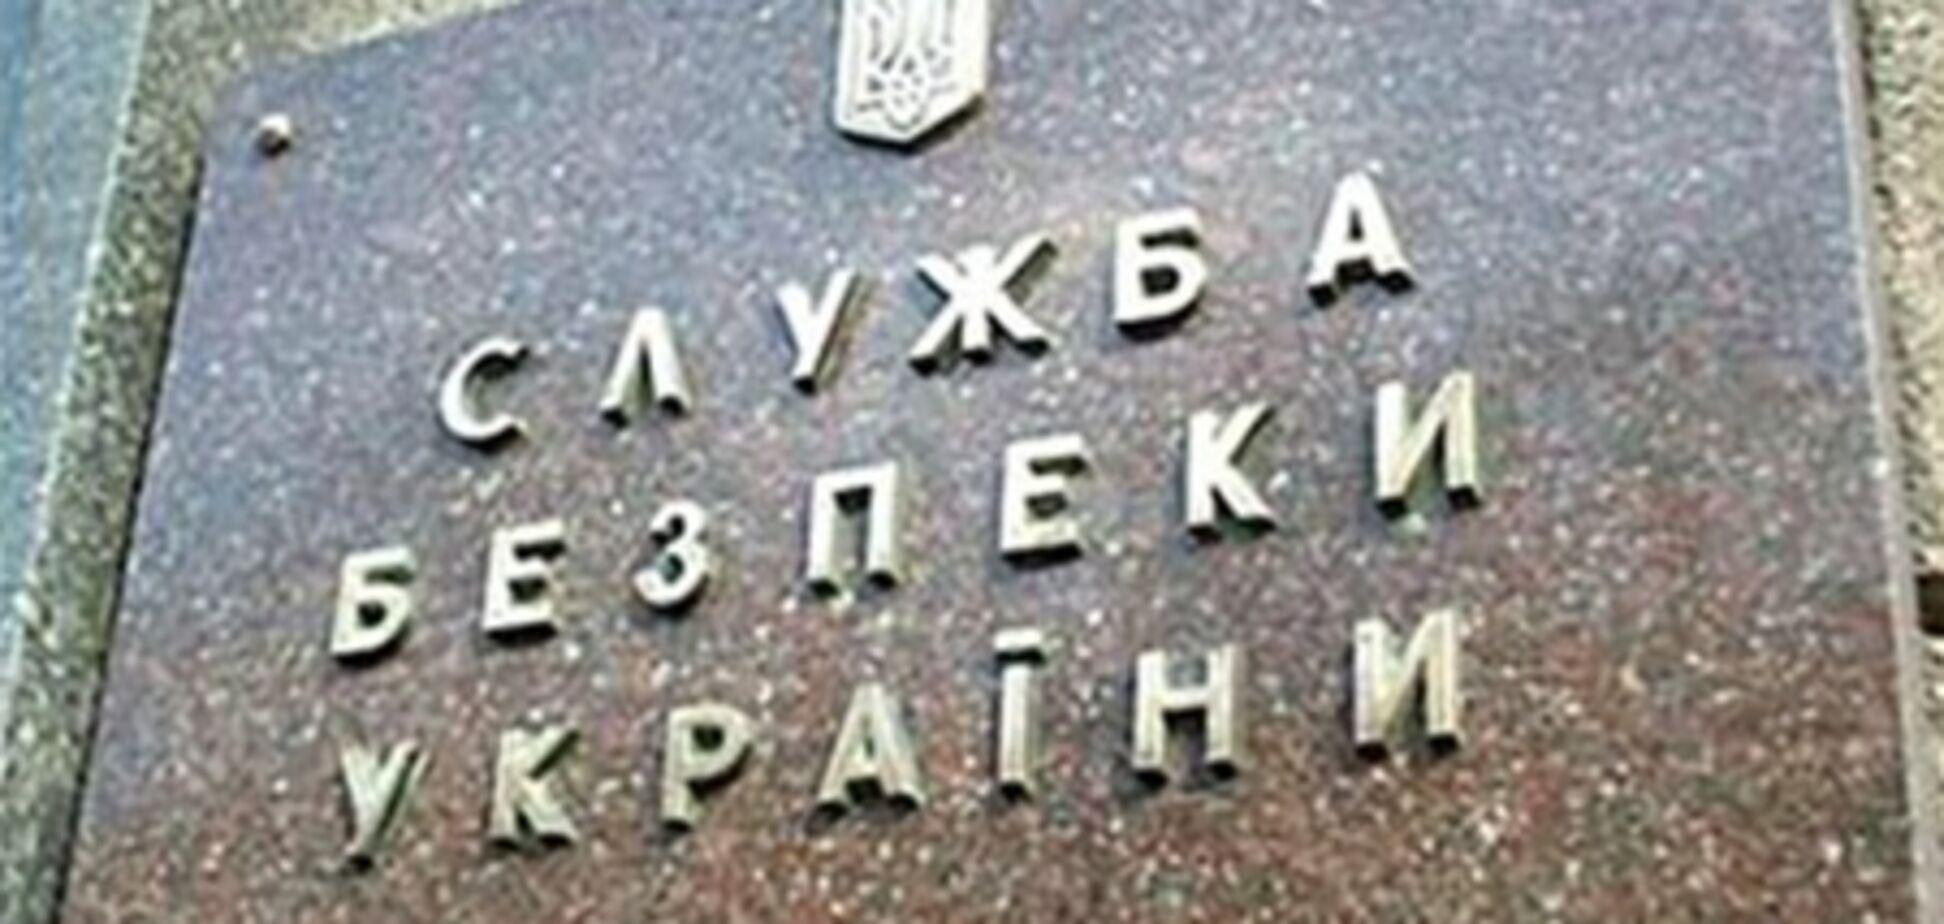 Составлены фотороботы днепропетровских террористов. Фото